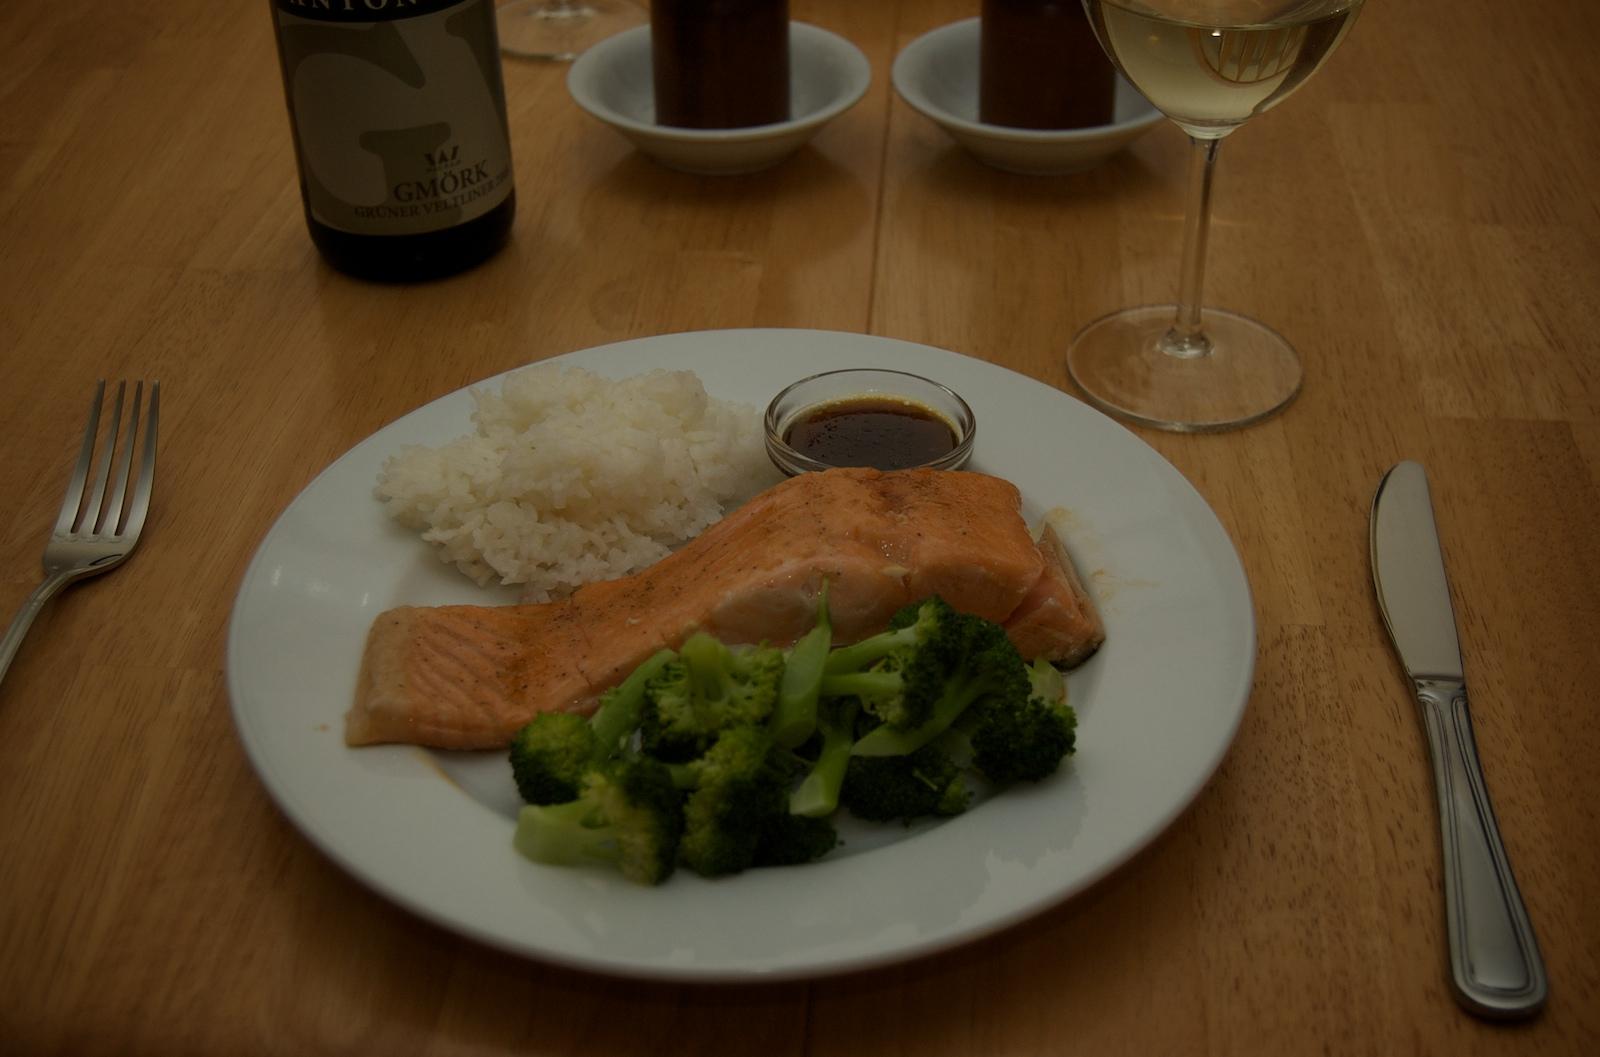 http://blog.rickk.com/food/2009/12/20/DSC_0004.jpg